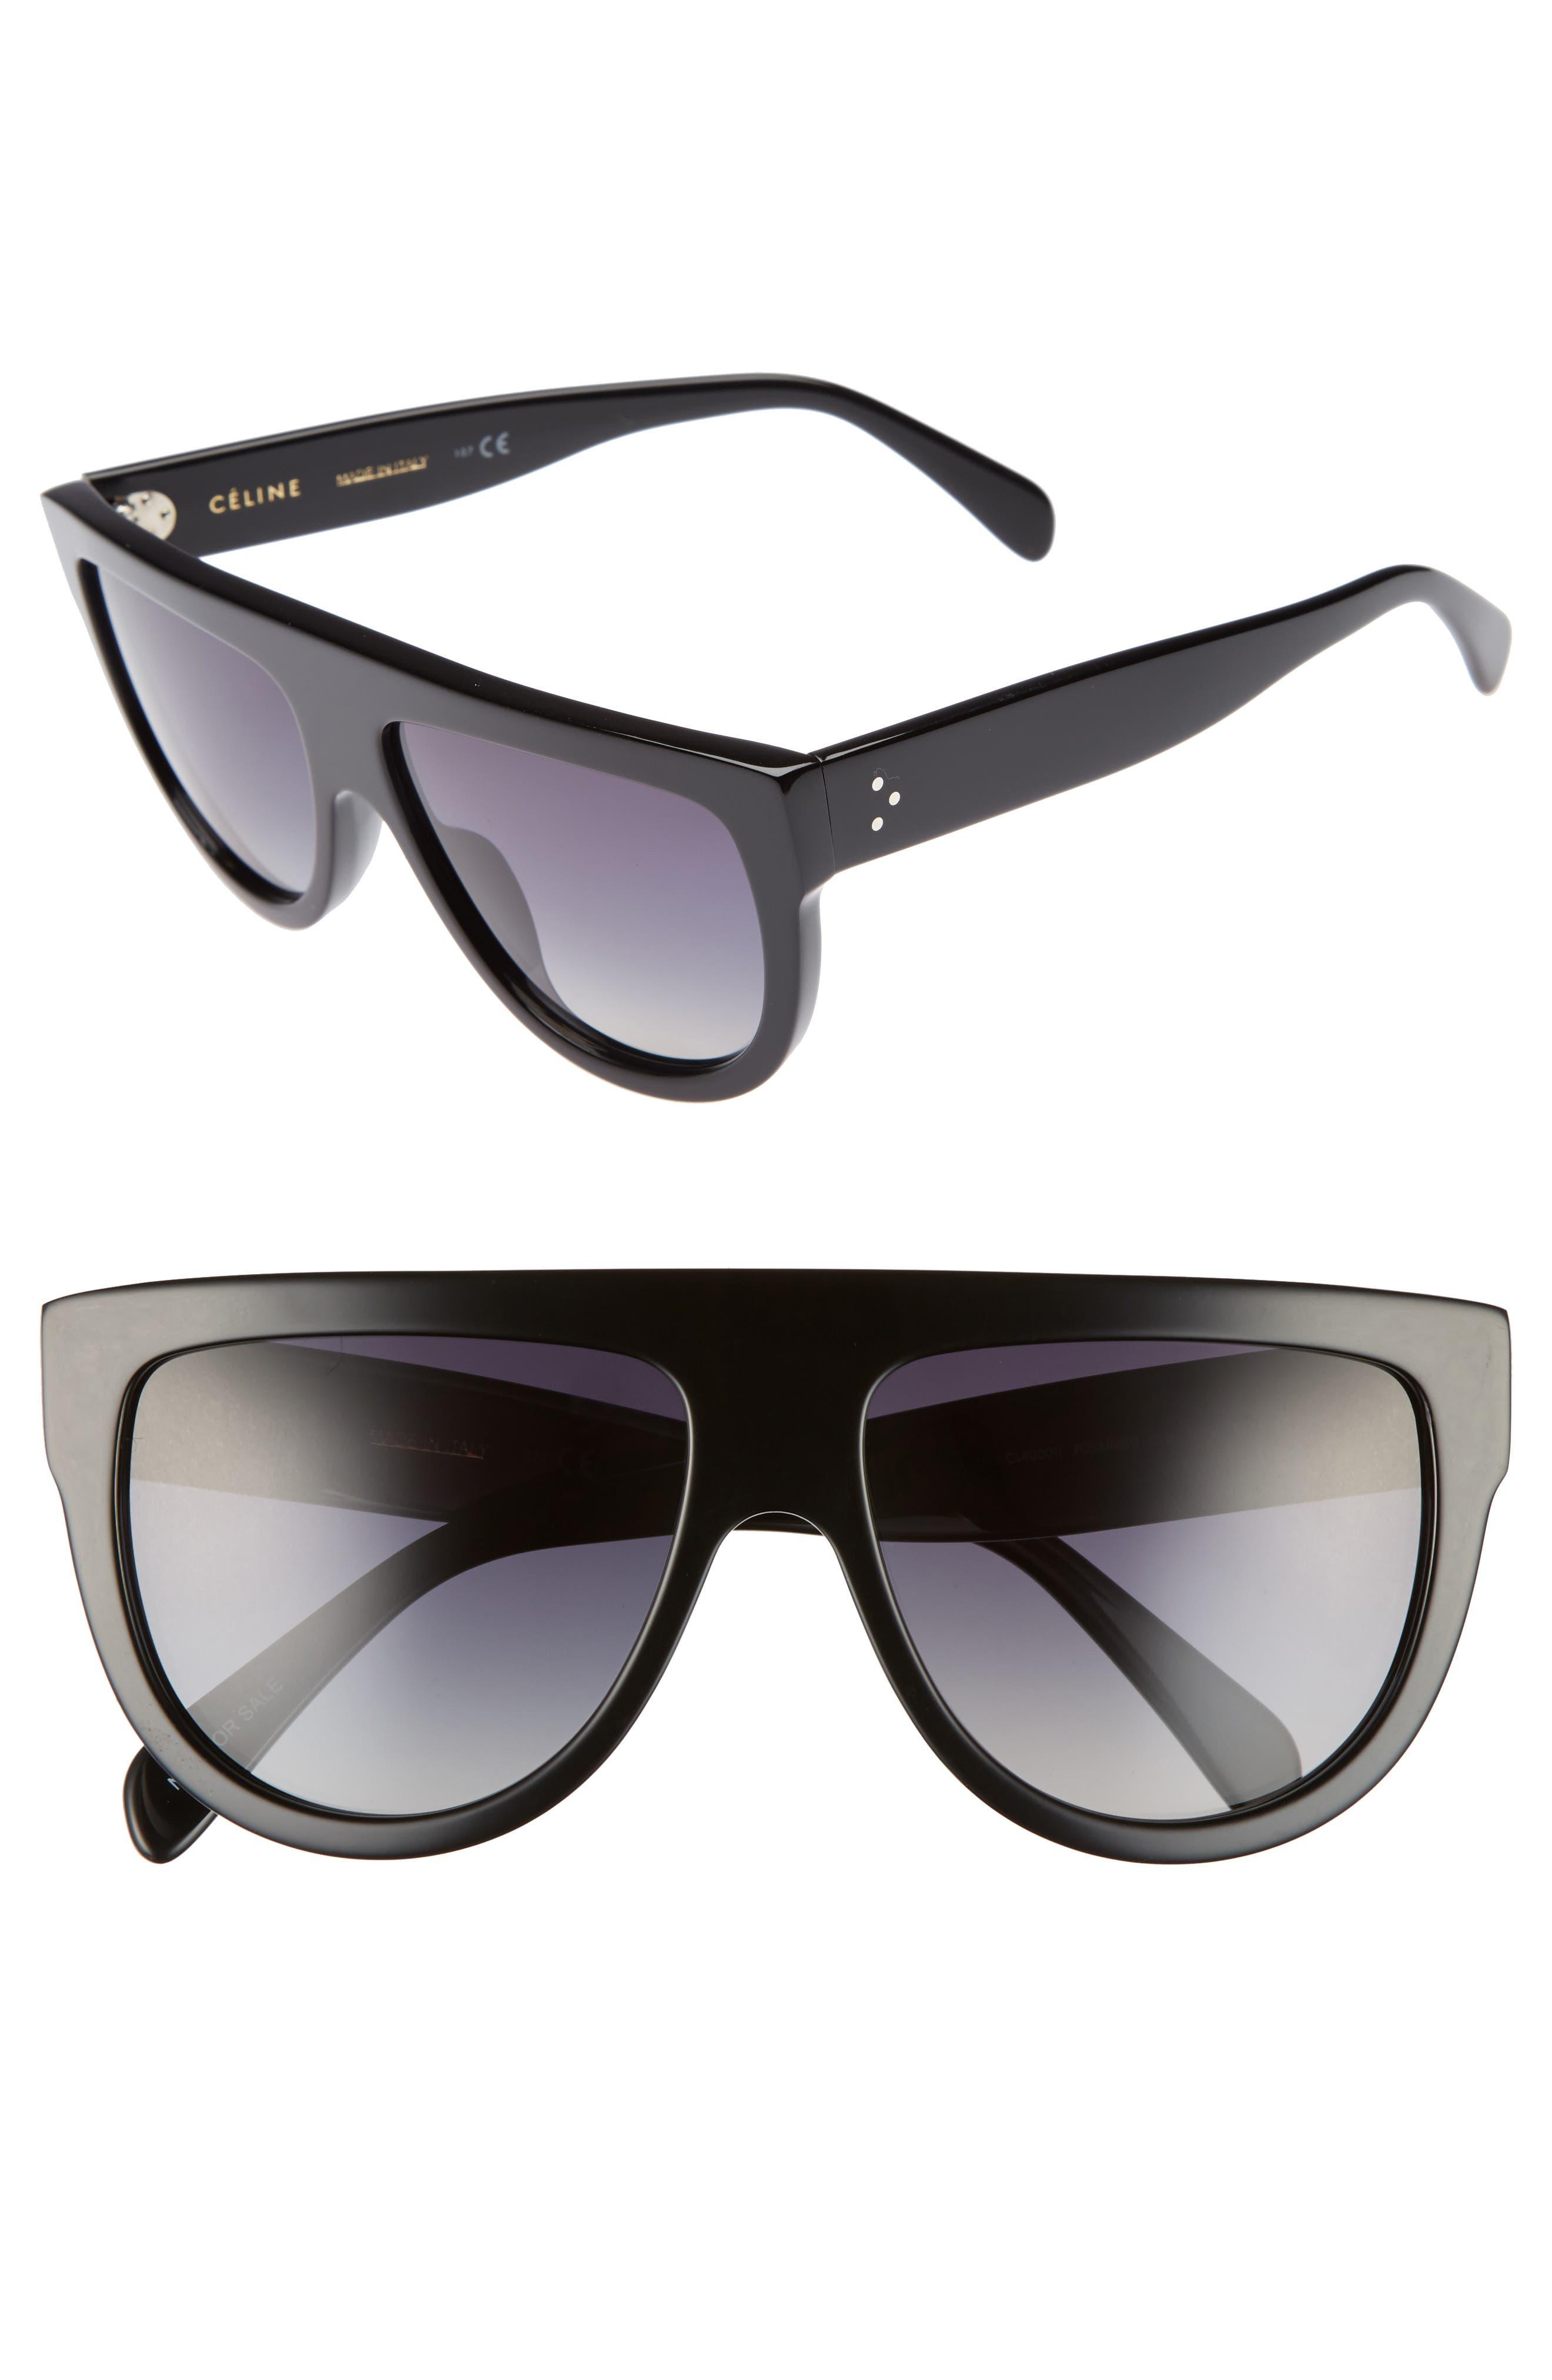 78f7c2b91a26 Céline sunglasses for women nordstrom jpg 480x730 Celine reading glasses